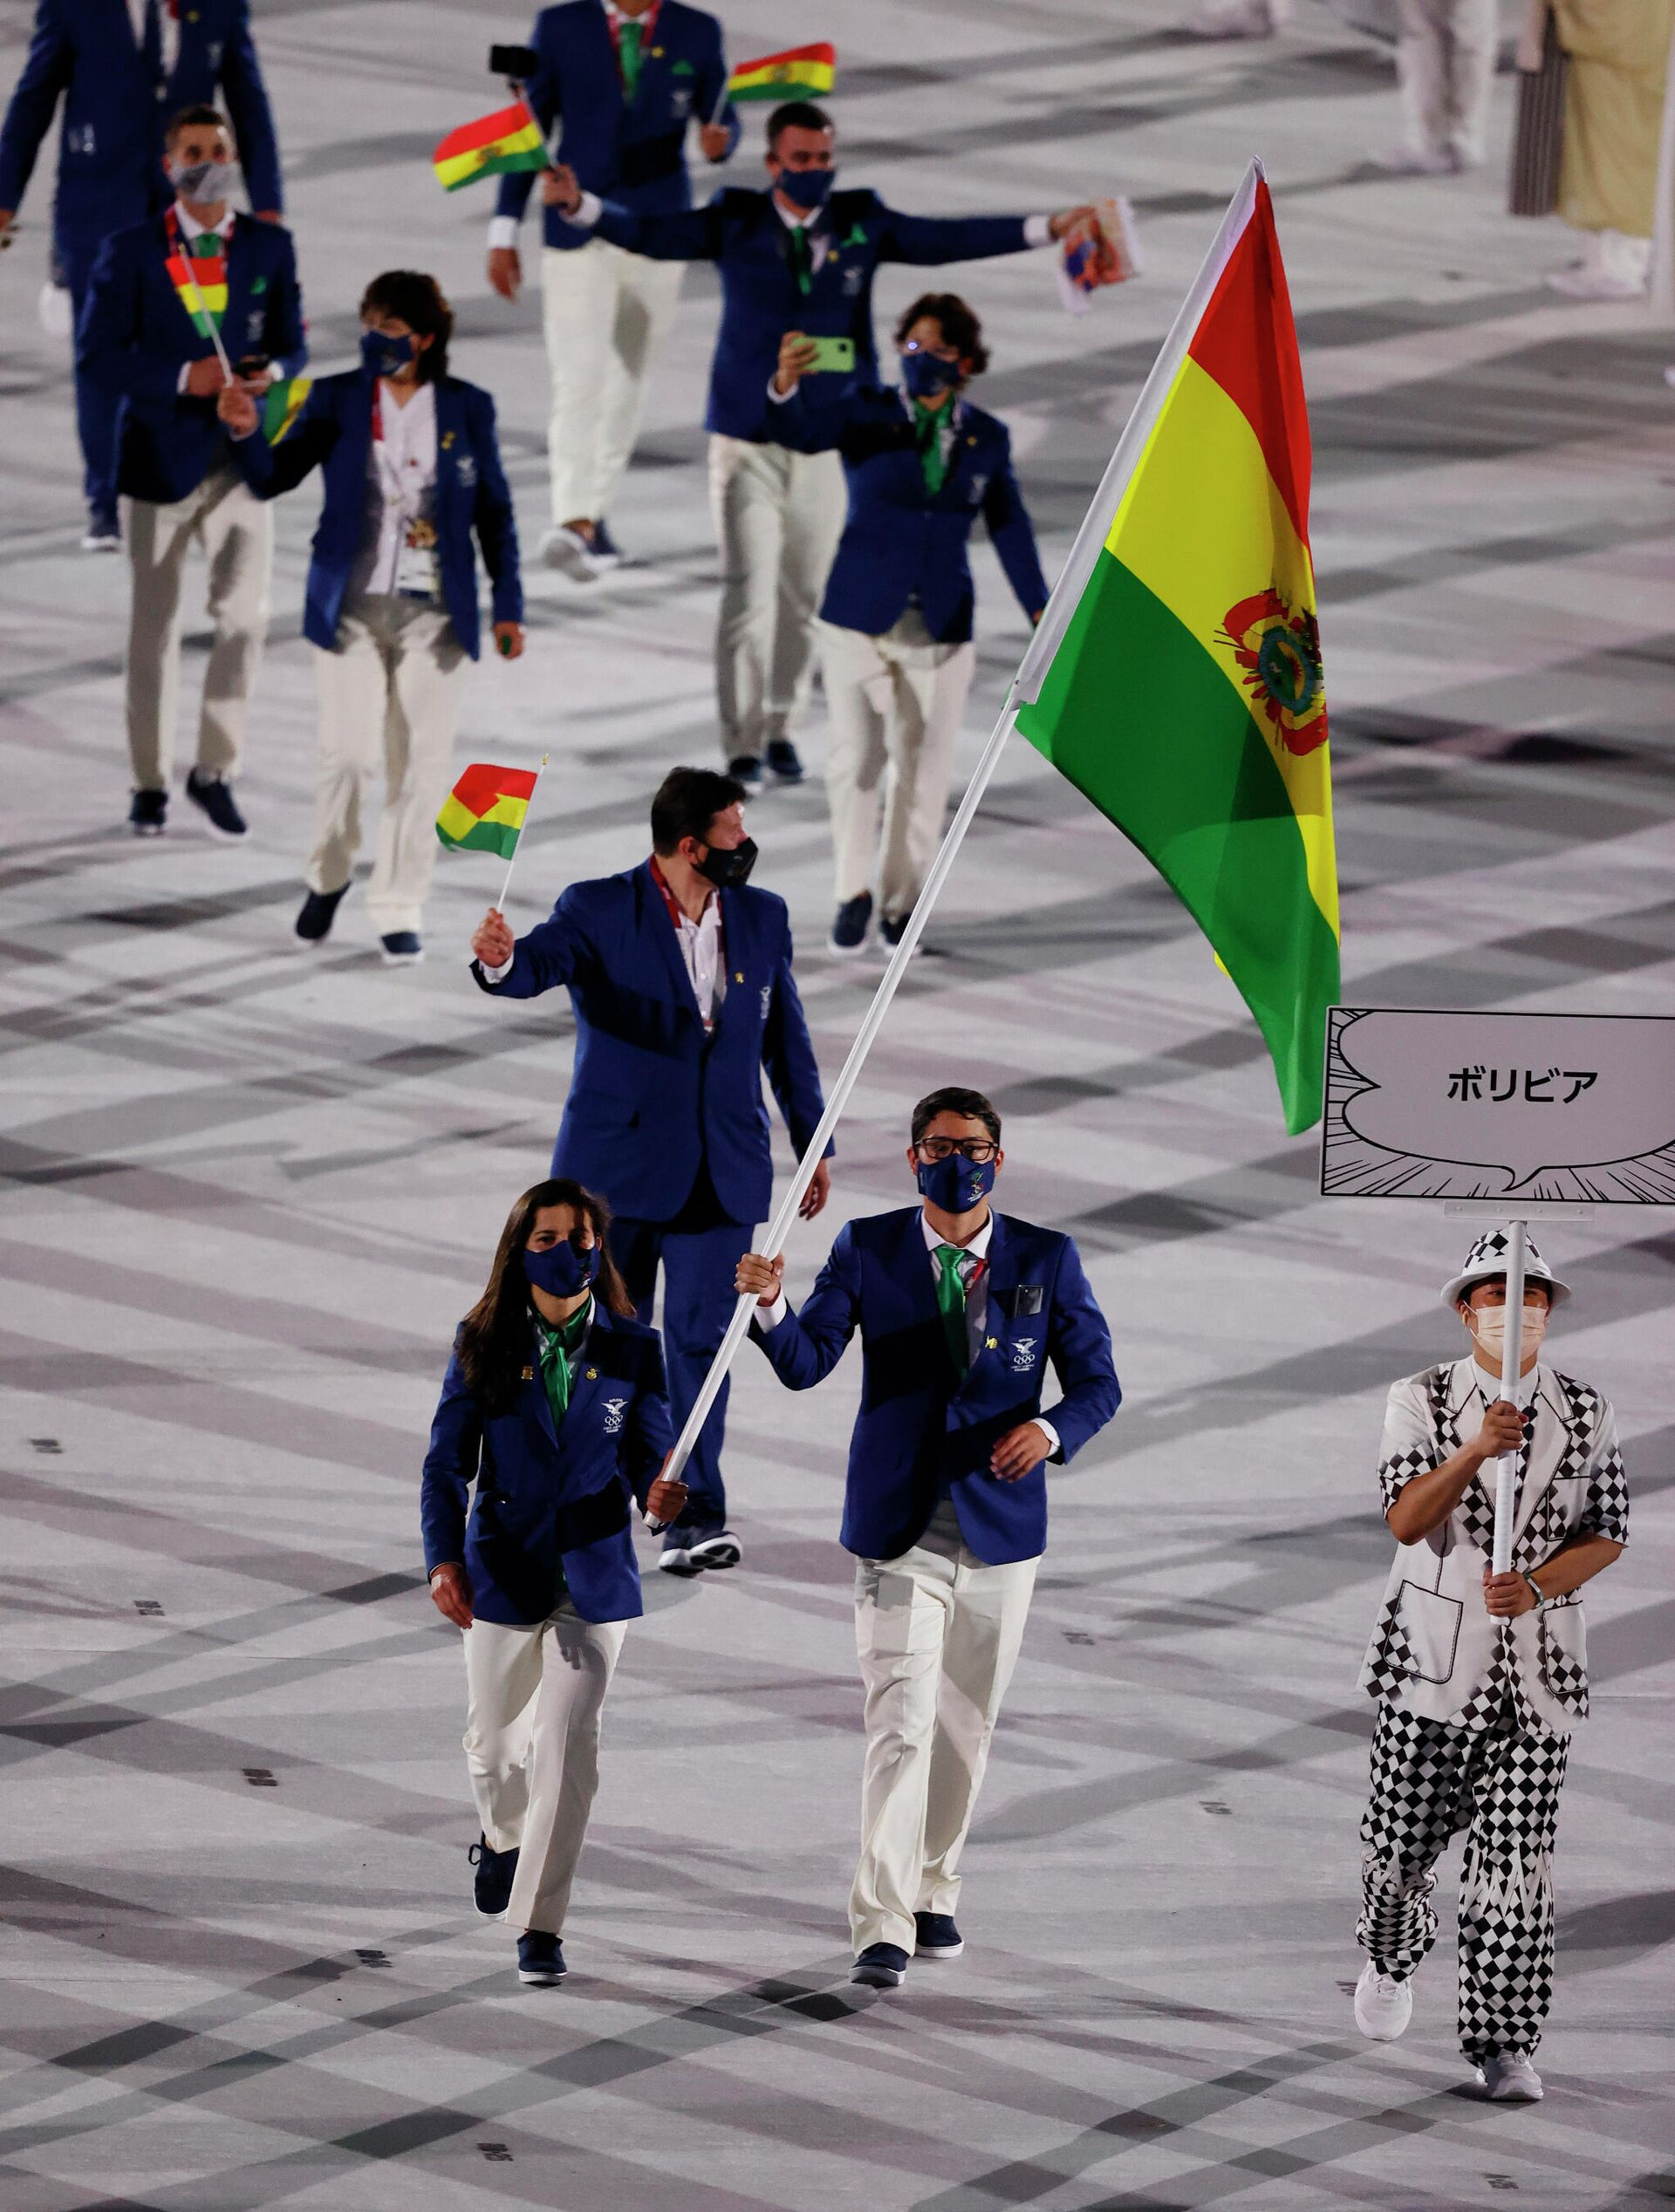 Los representantes bolivianos en los Juegos Olímpicos de Tokio - Sputnik Mundo, 1920, 23.07.2021